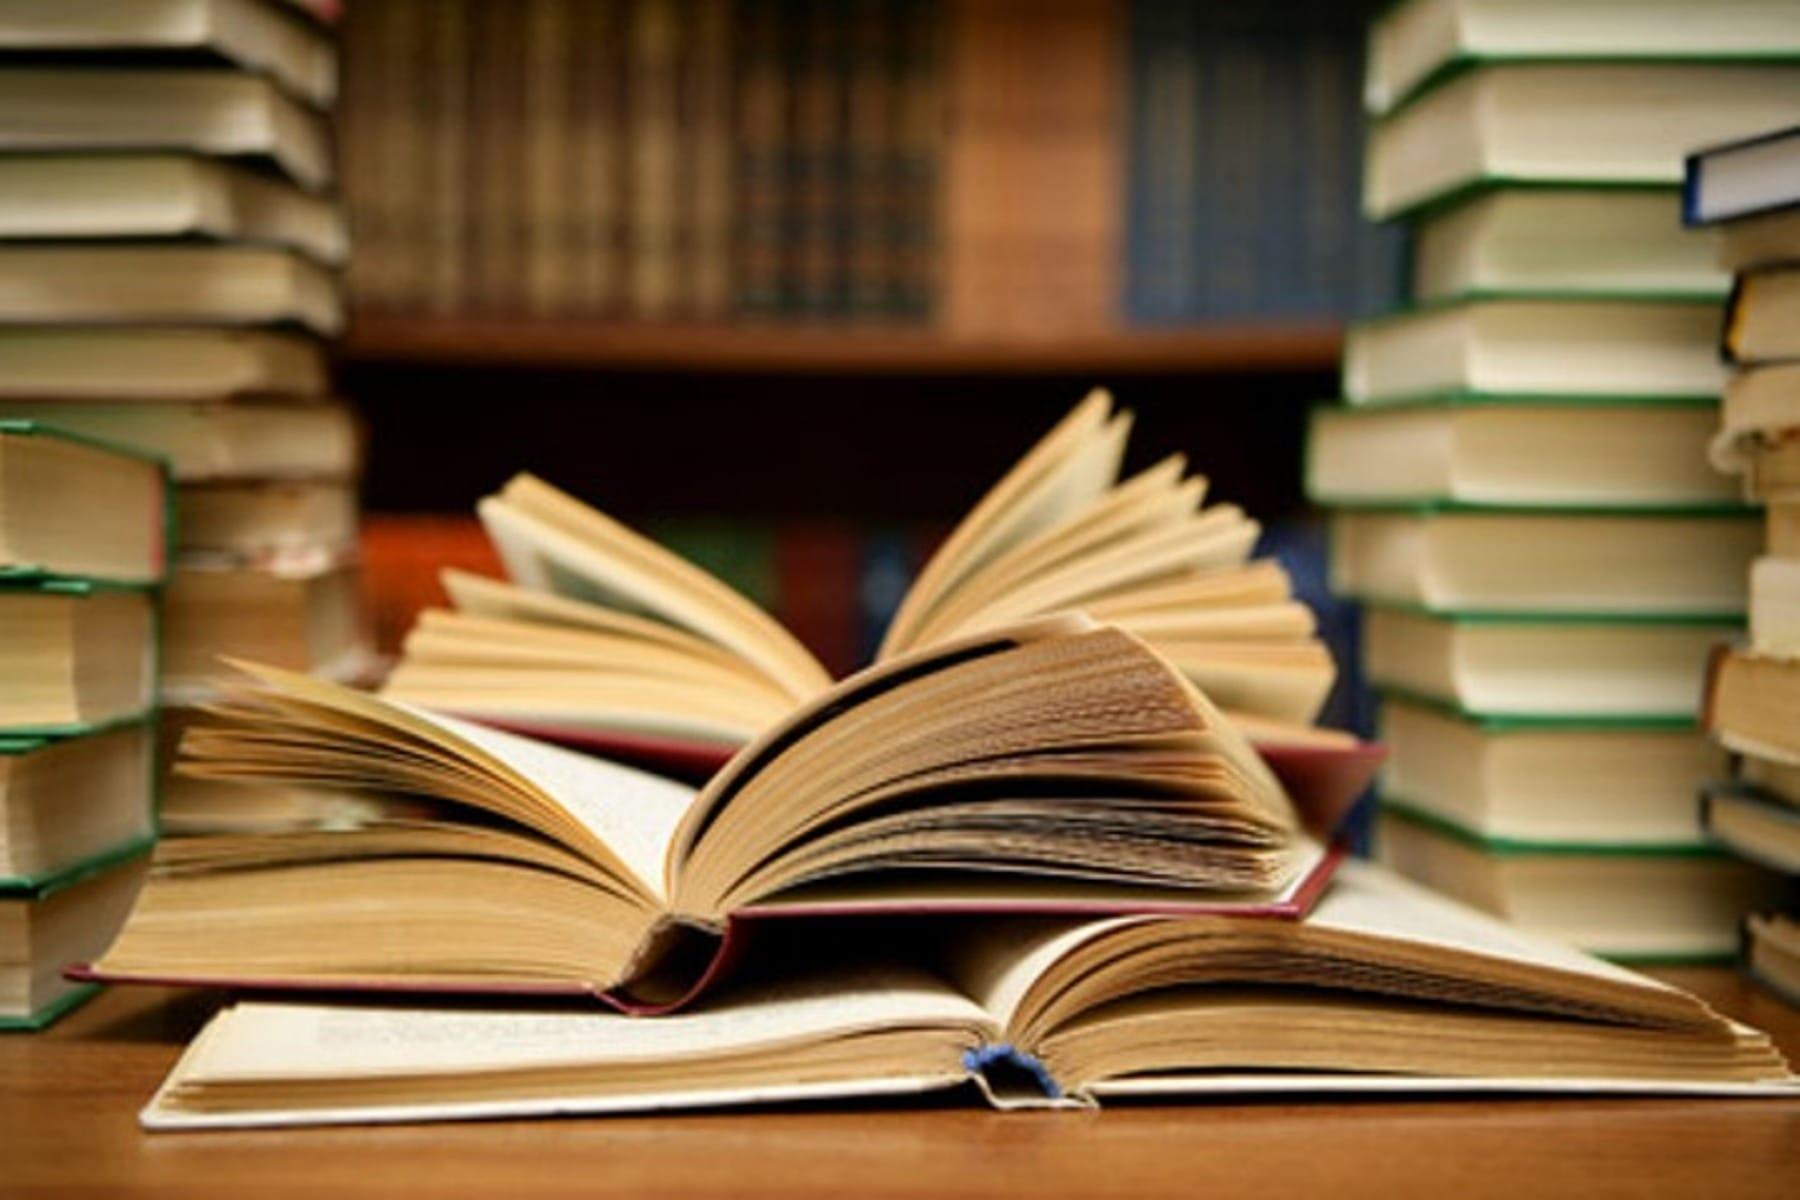 Coronavirus, biblioteche aperte a Roma: attività culturali sospese fino al 3 aprile